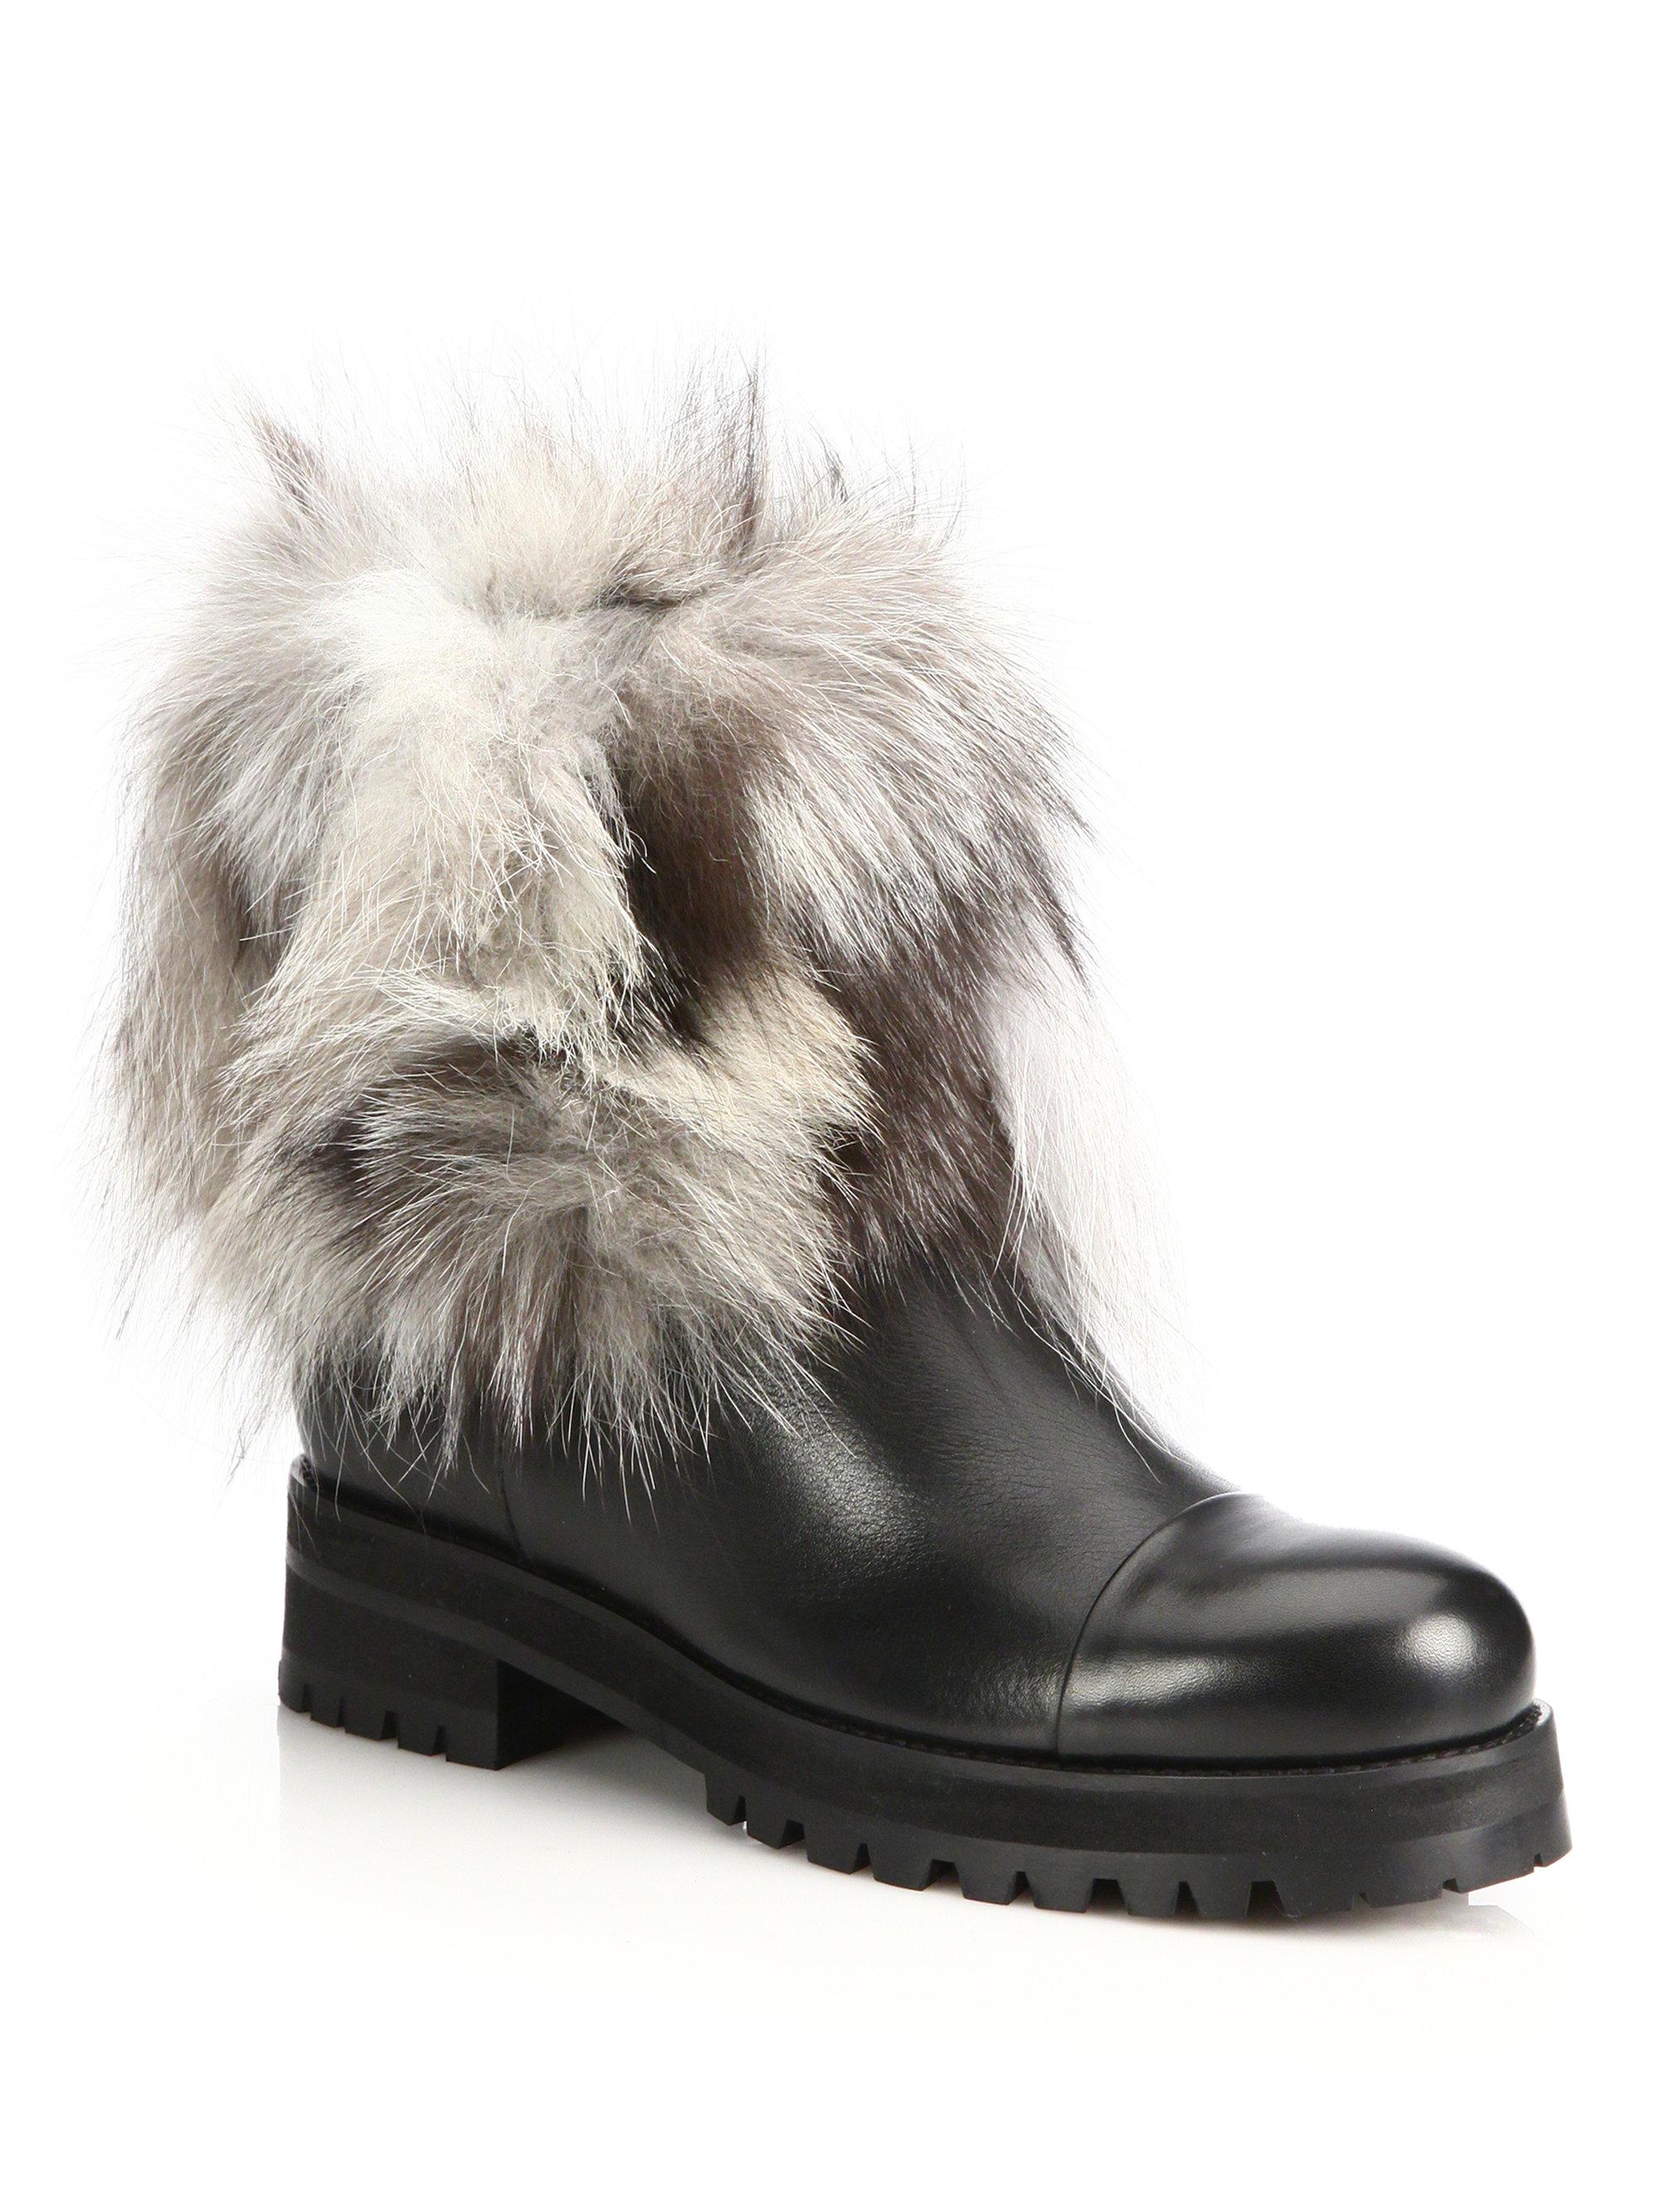 Jimmy Choo Dana Leather \u0026 Fox Fur